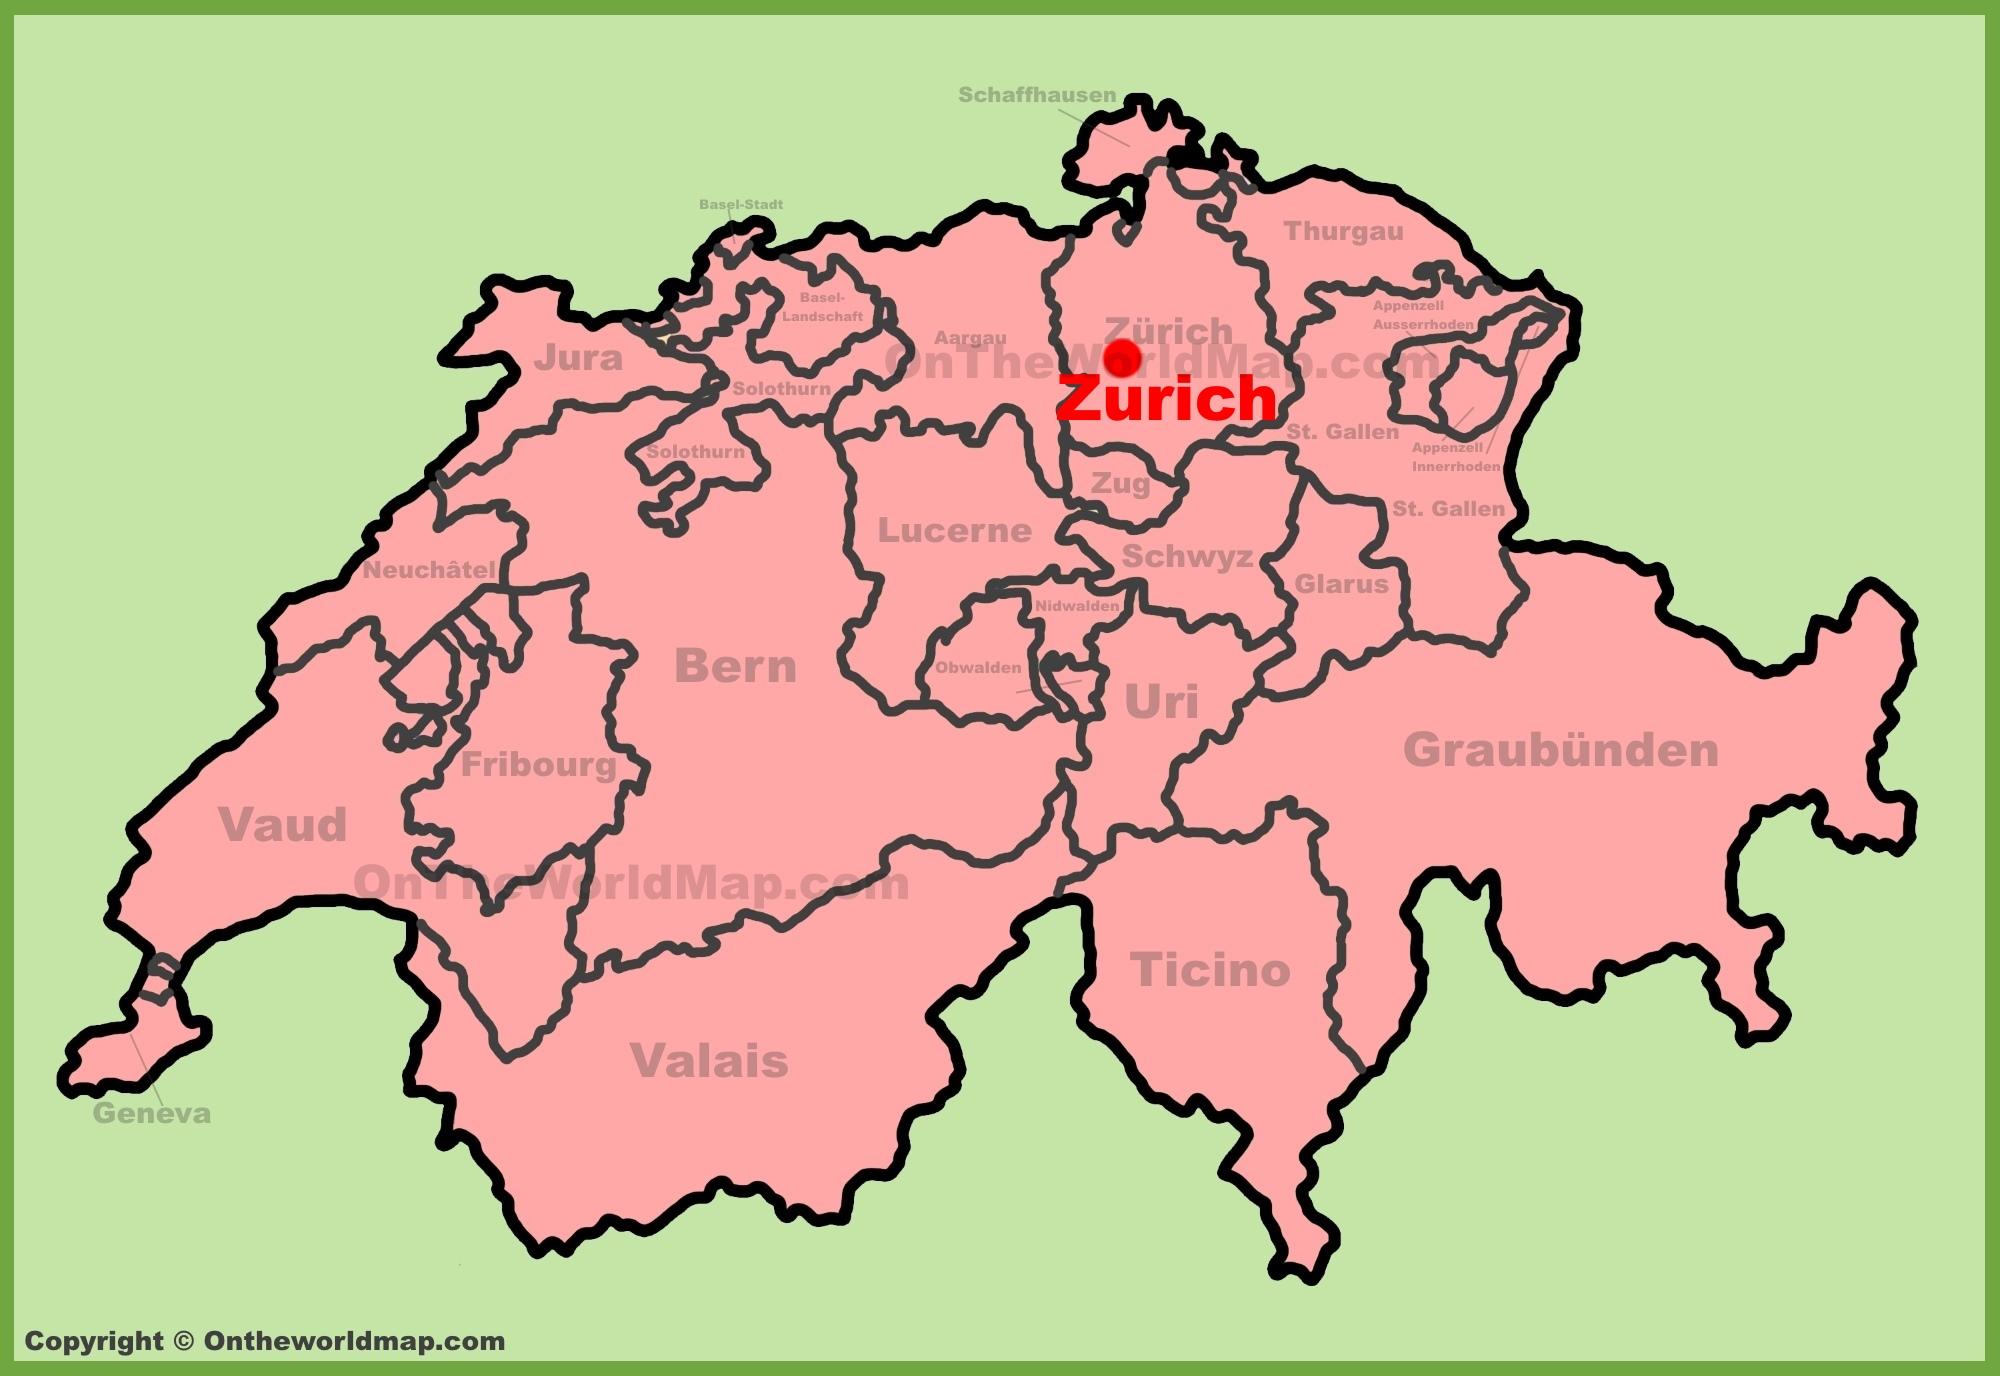 Zurich Switzerland Map Zürich location on the Switzerland map